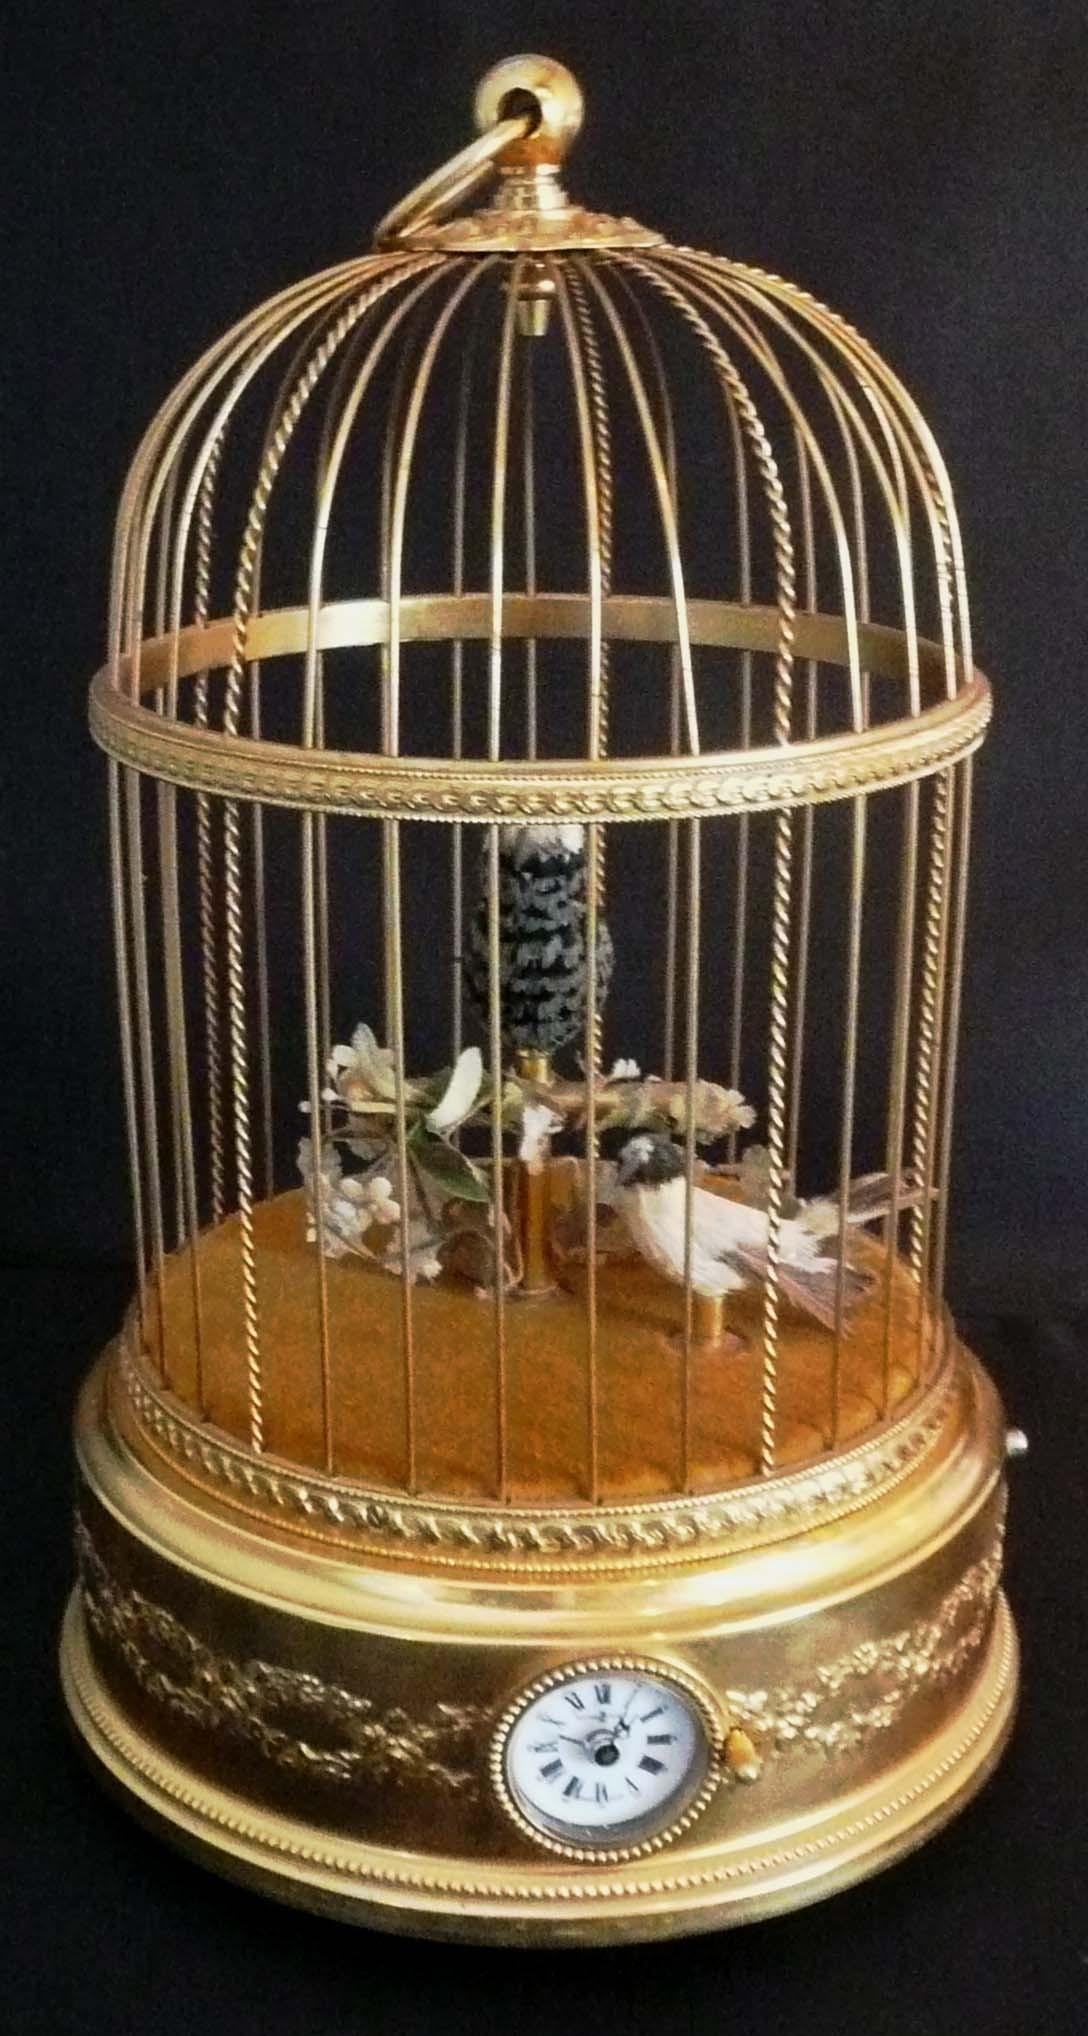 Cage avec oiseau chanteur - 20ème siècle